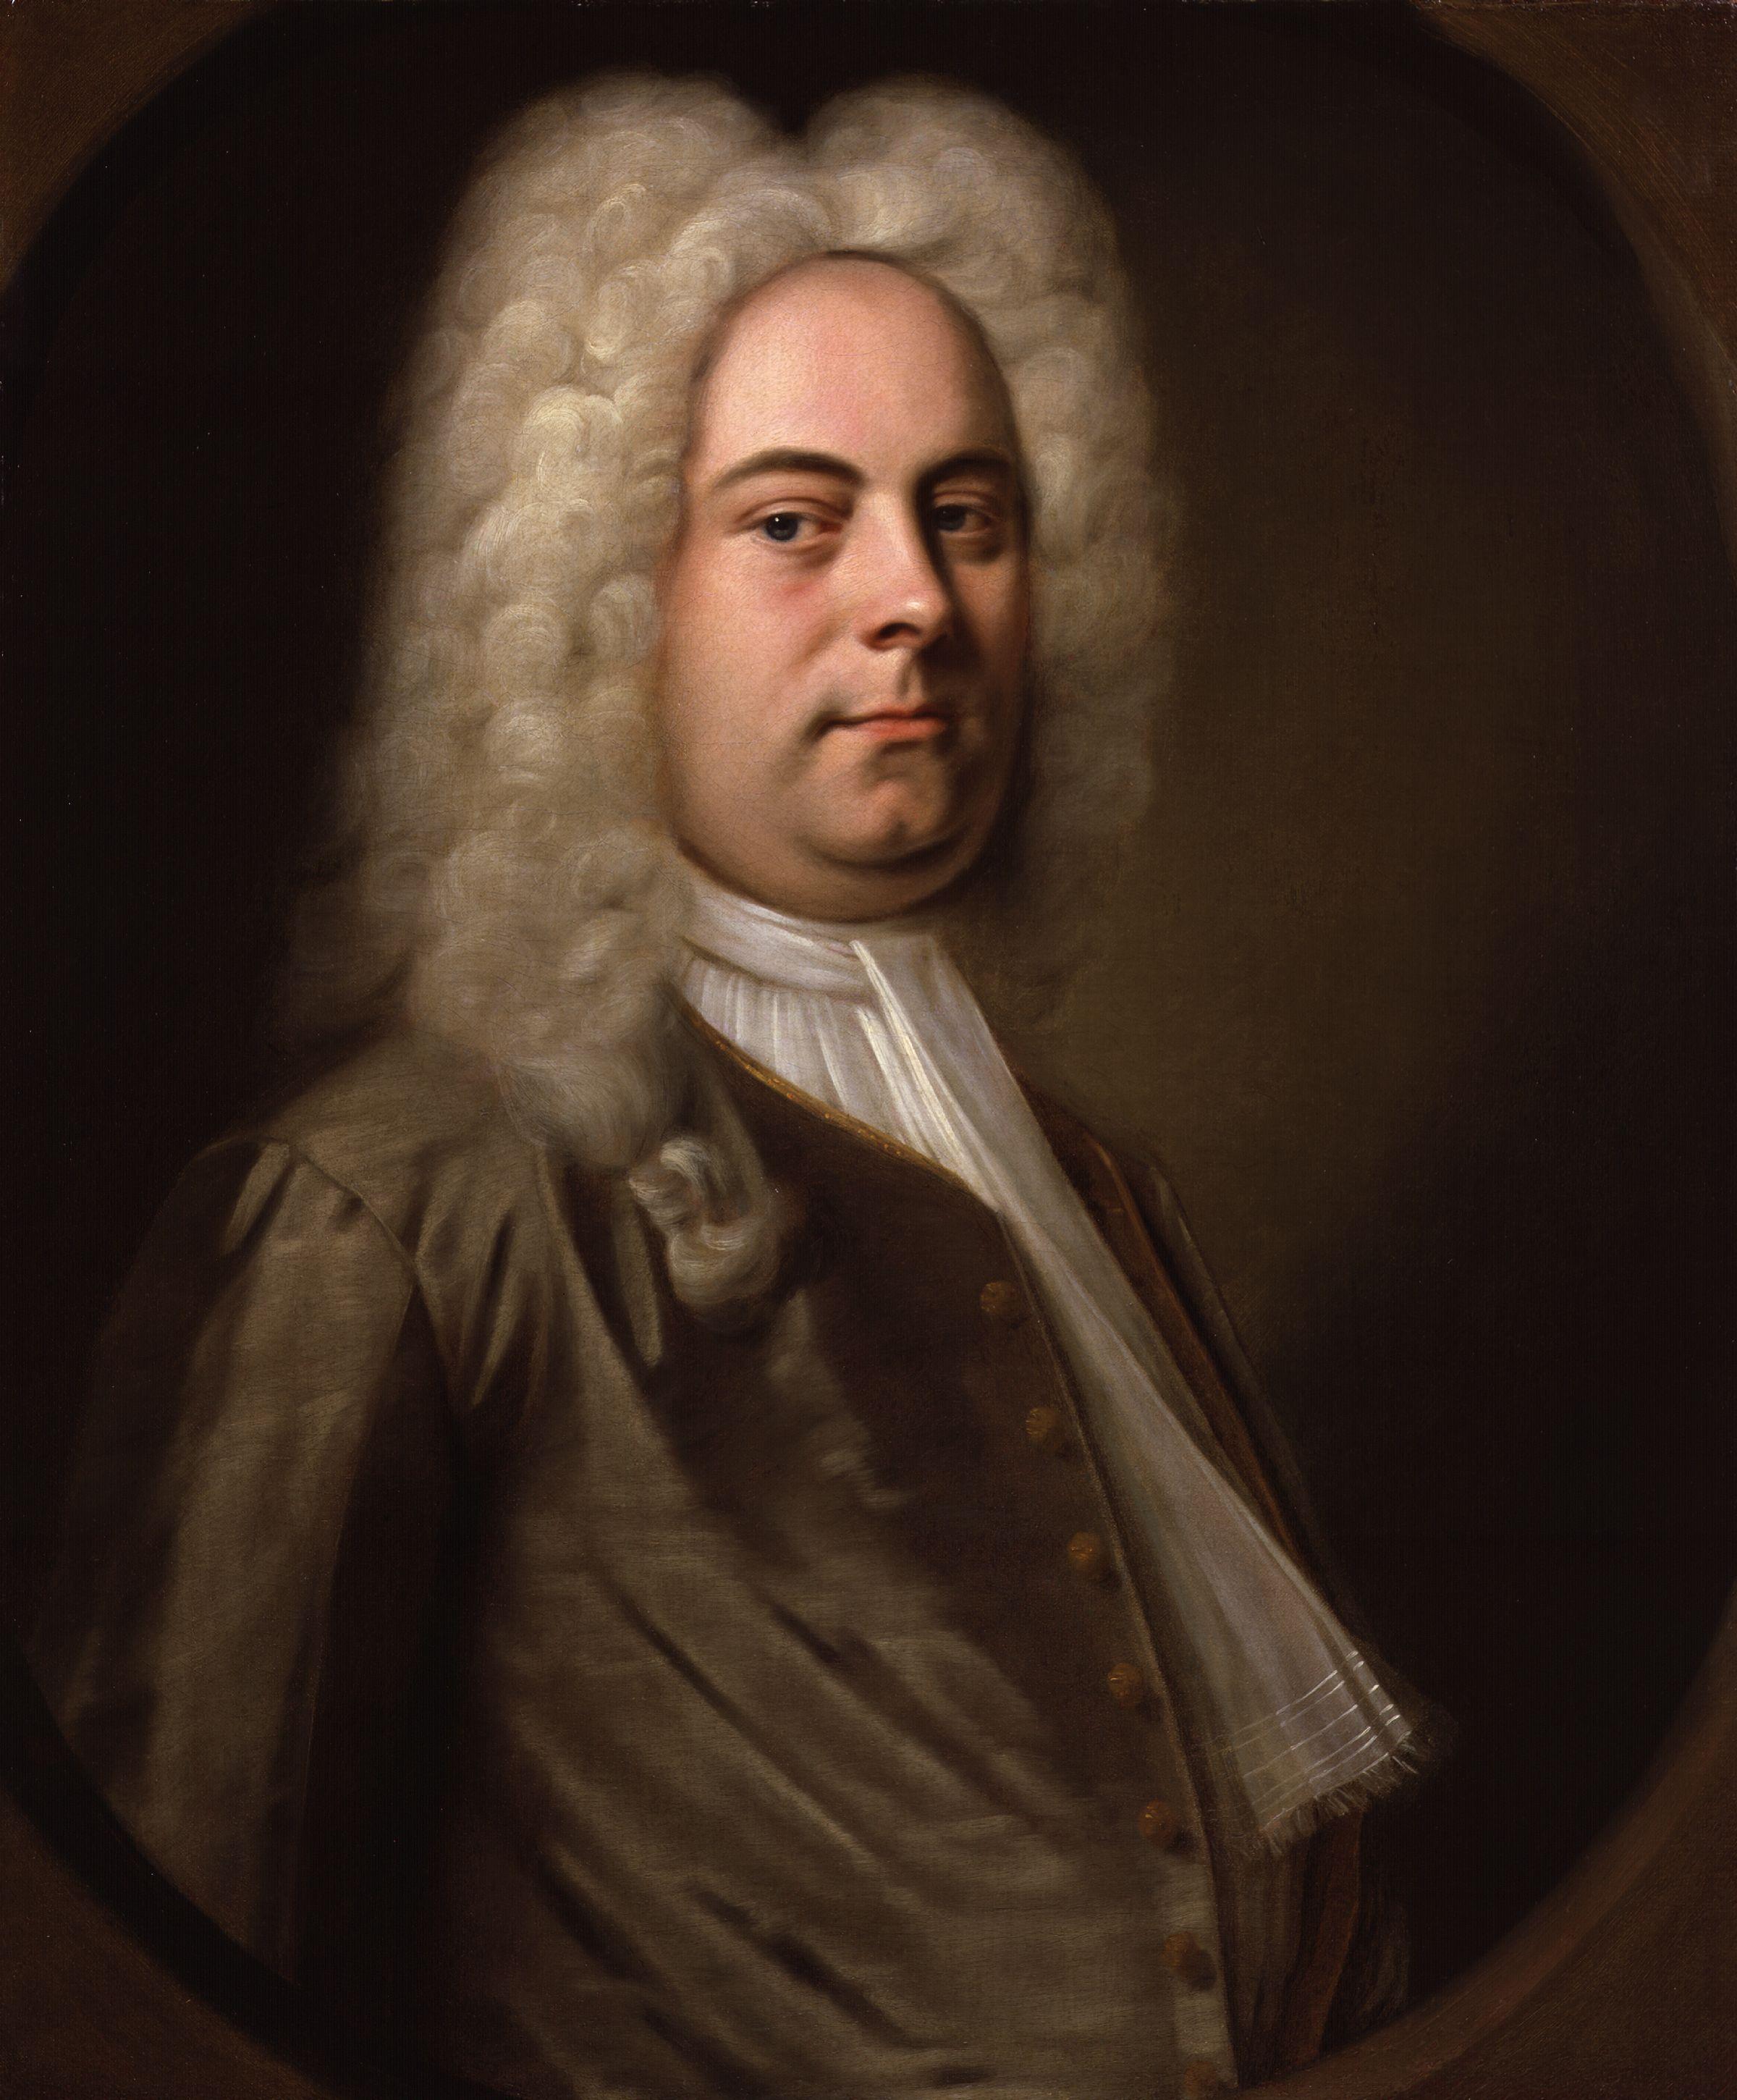 Georg Friedrich Händel (1685-1759): Aberturas